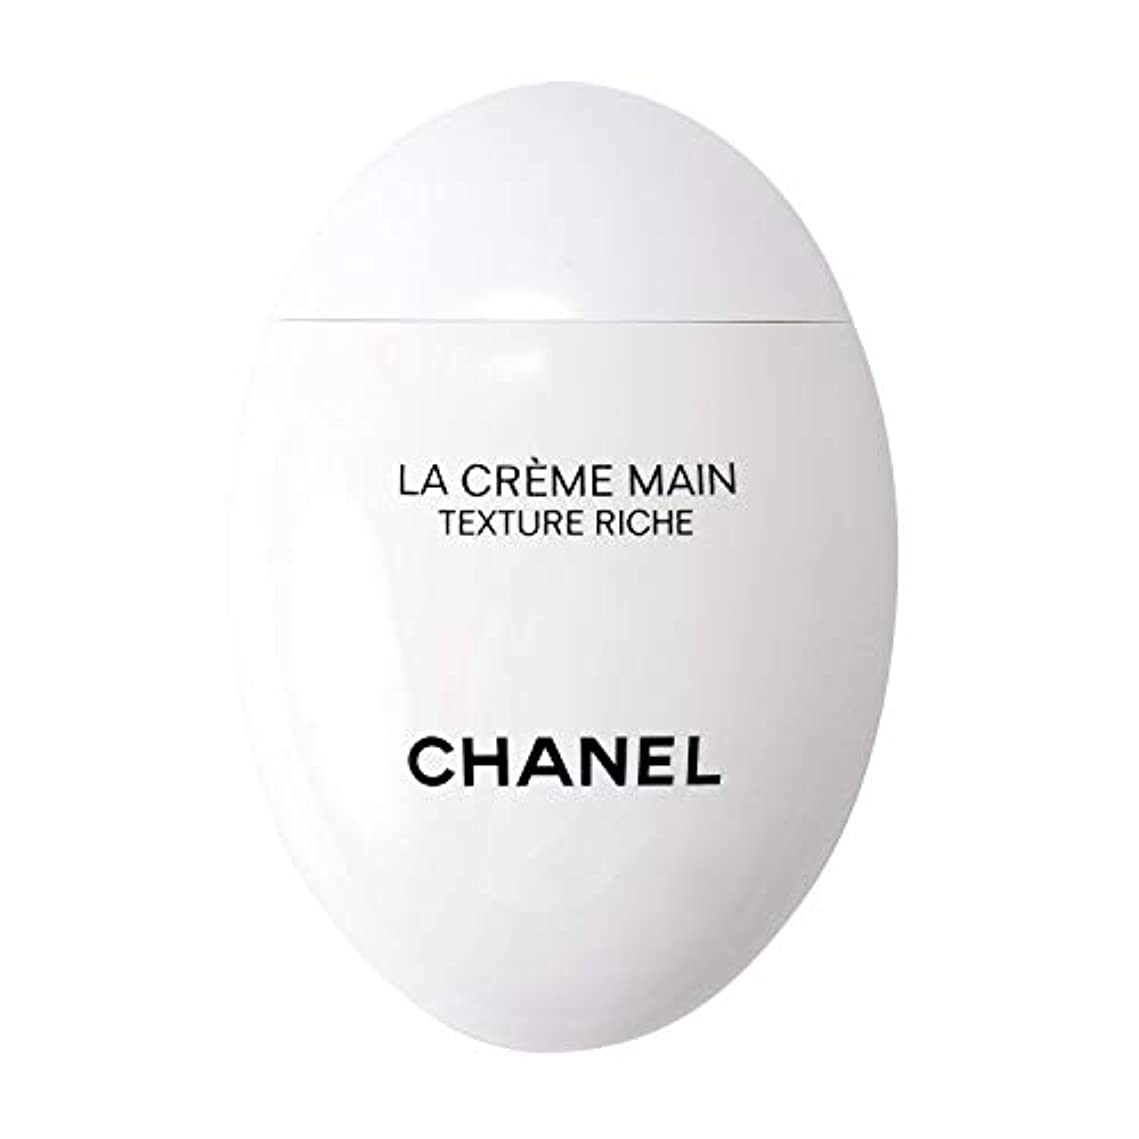 クリープ少し甘くする[ギフトラッピング] シャネル CHANEL ハンドクリーム 50ml ラ クレーム マン ショップバッグ付き (50ml)